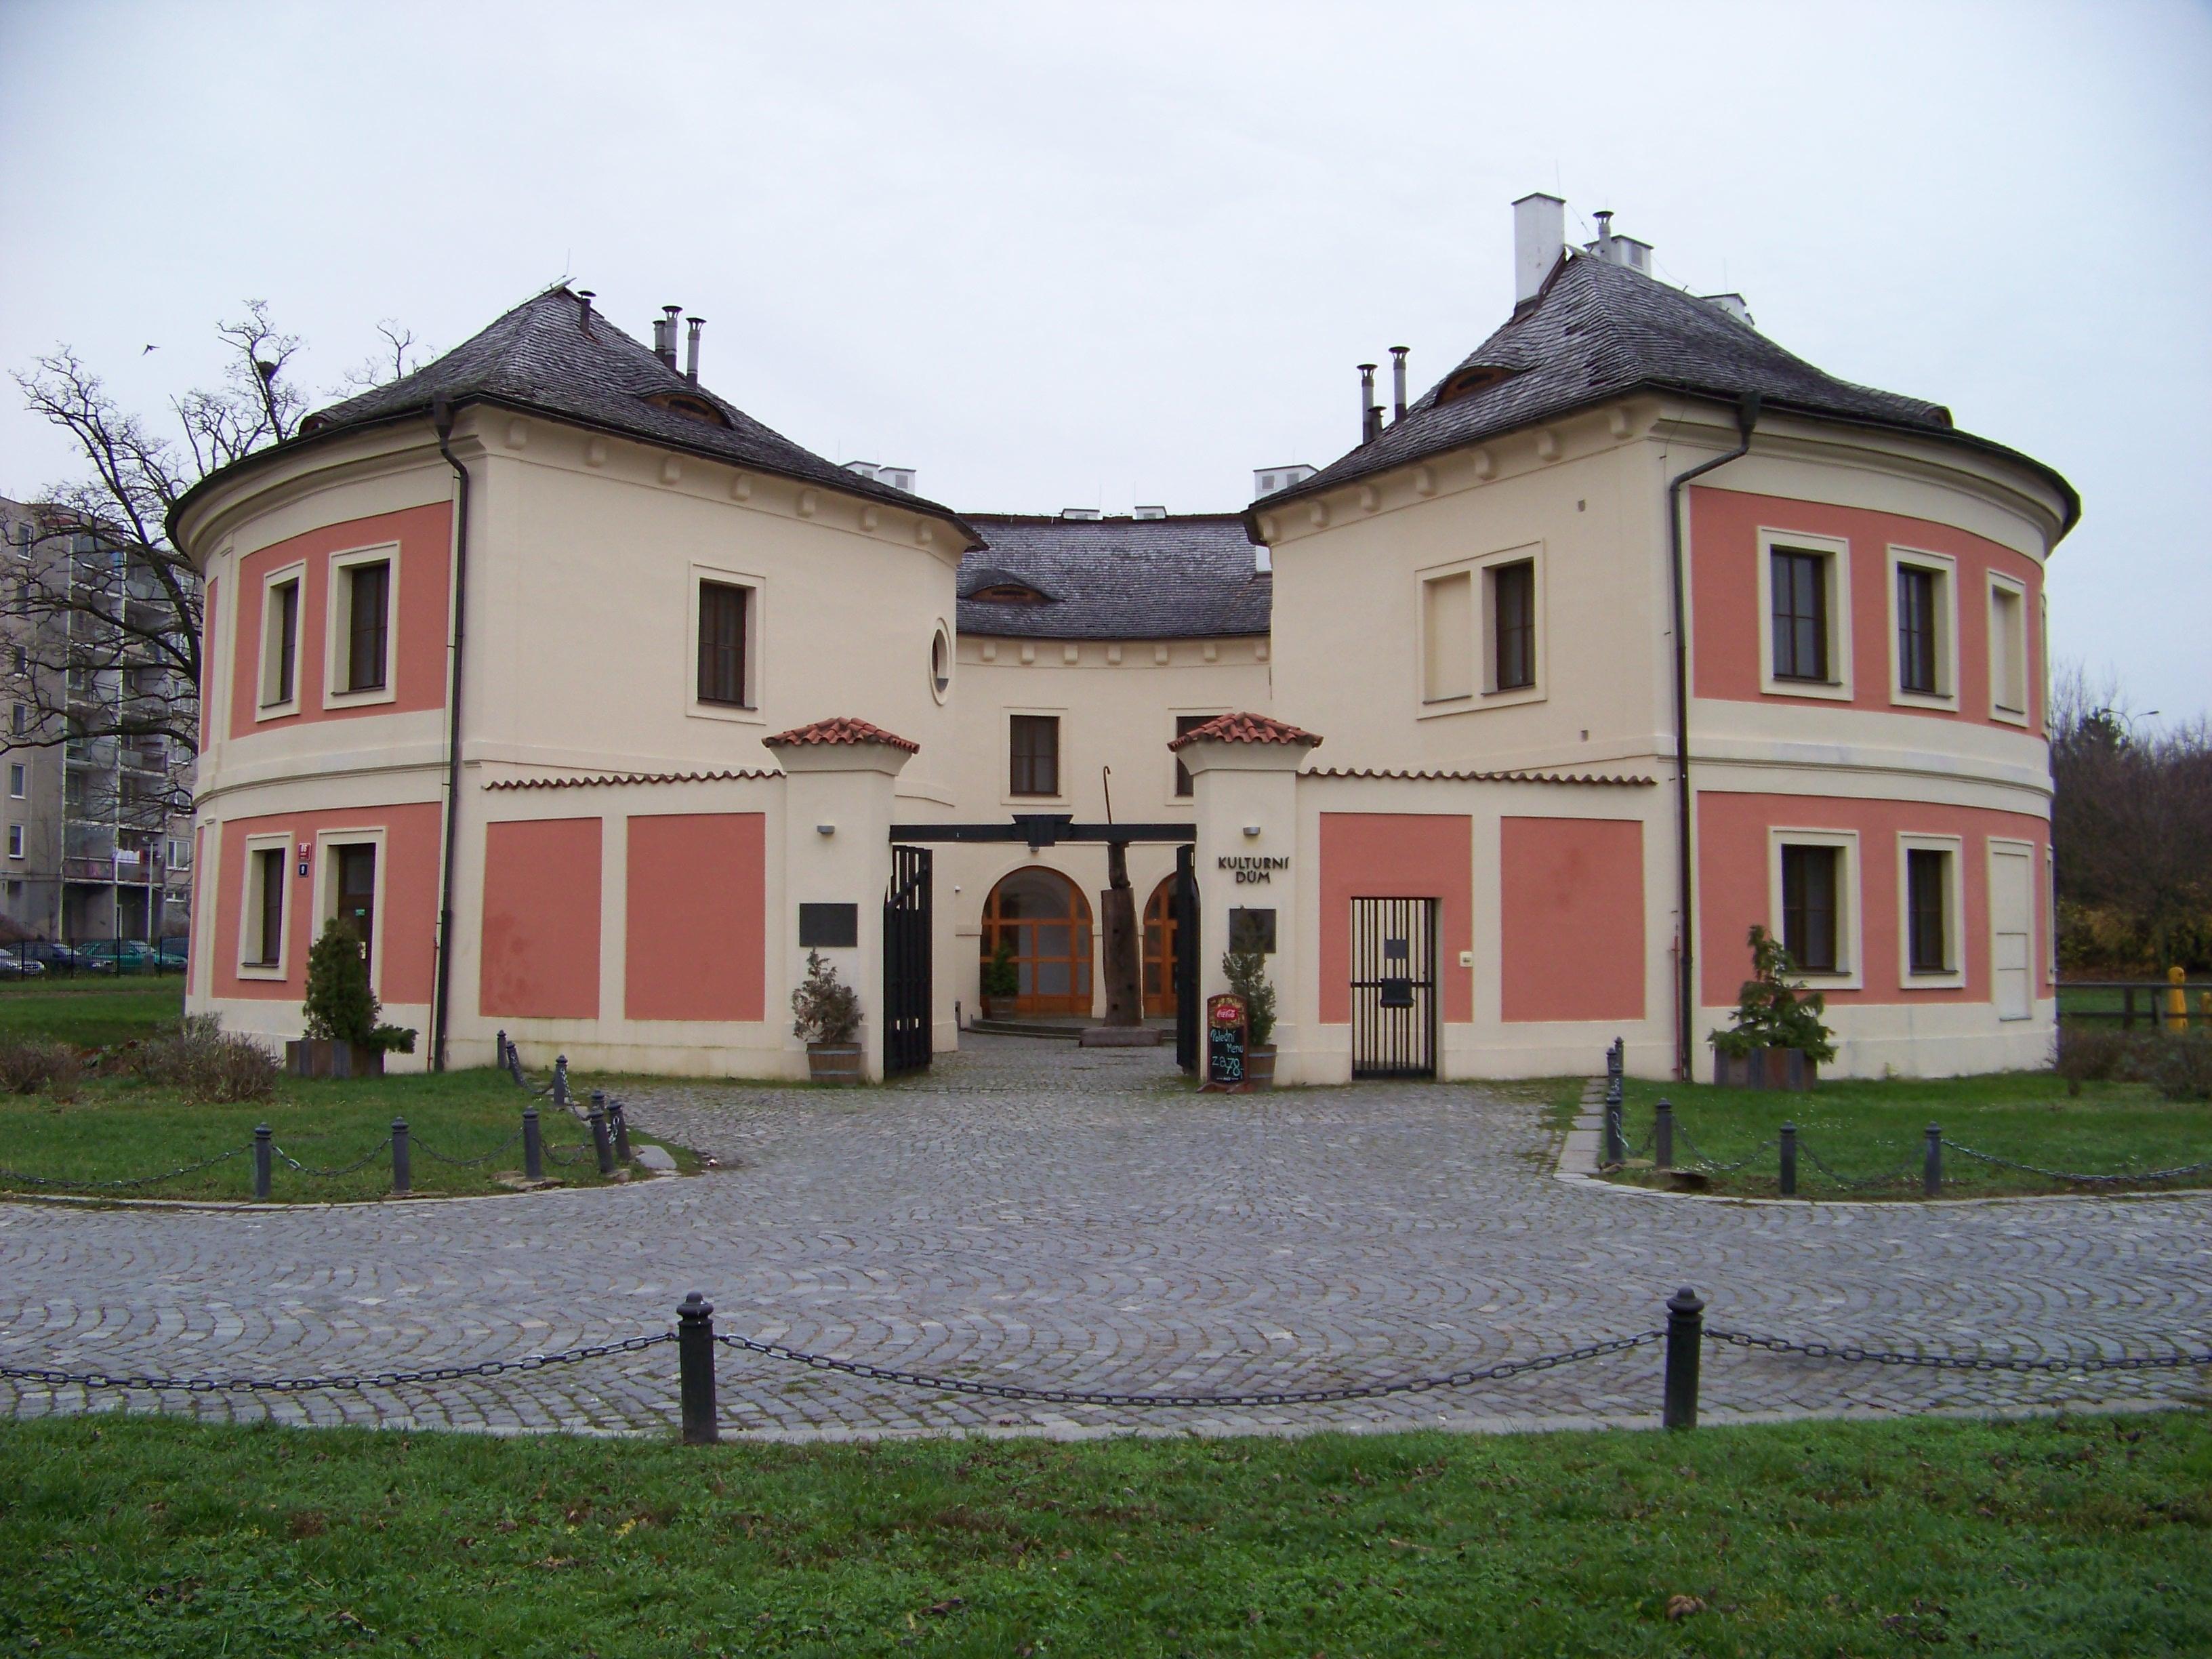 Chodovská tvrz (zdroj: ŠJů (cs:ŠJů), CC BY-SA 3.0 <https://creativecommons.org/licenses/by-sa/3.0>, via Wikimedia Commons)